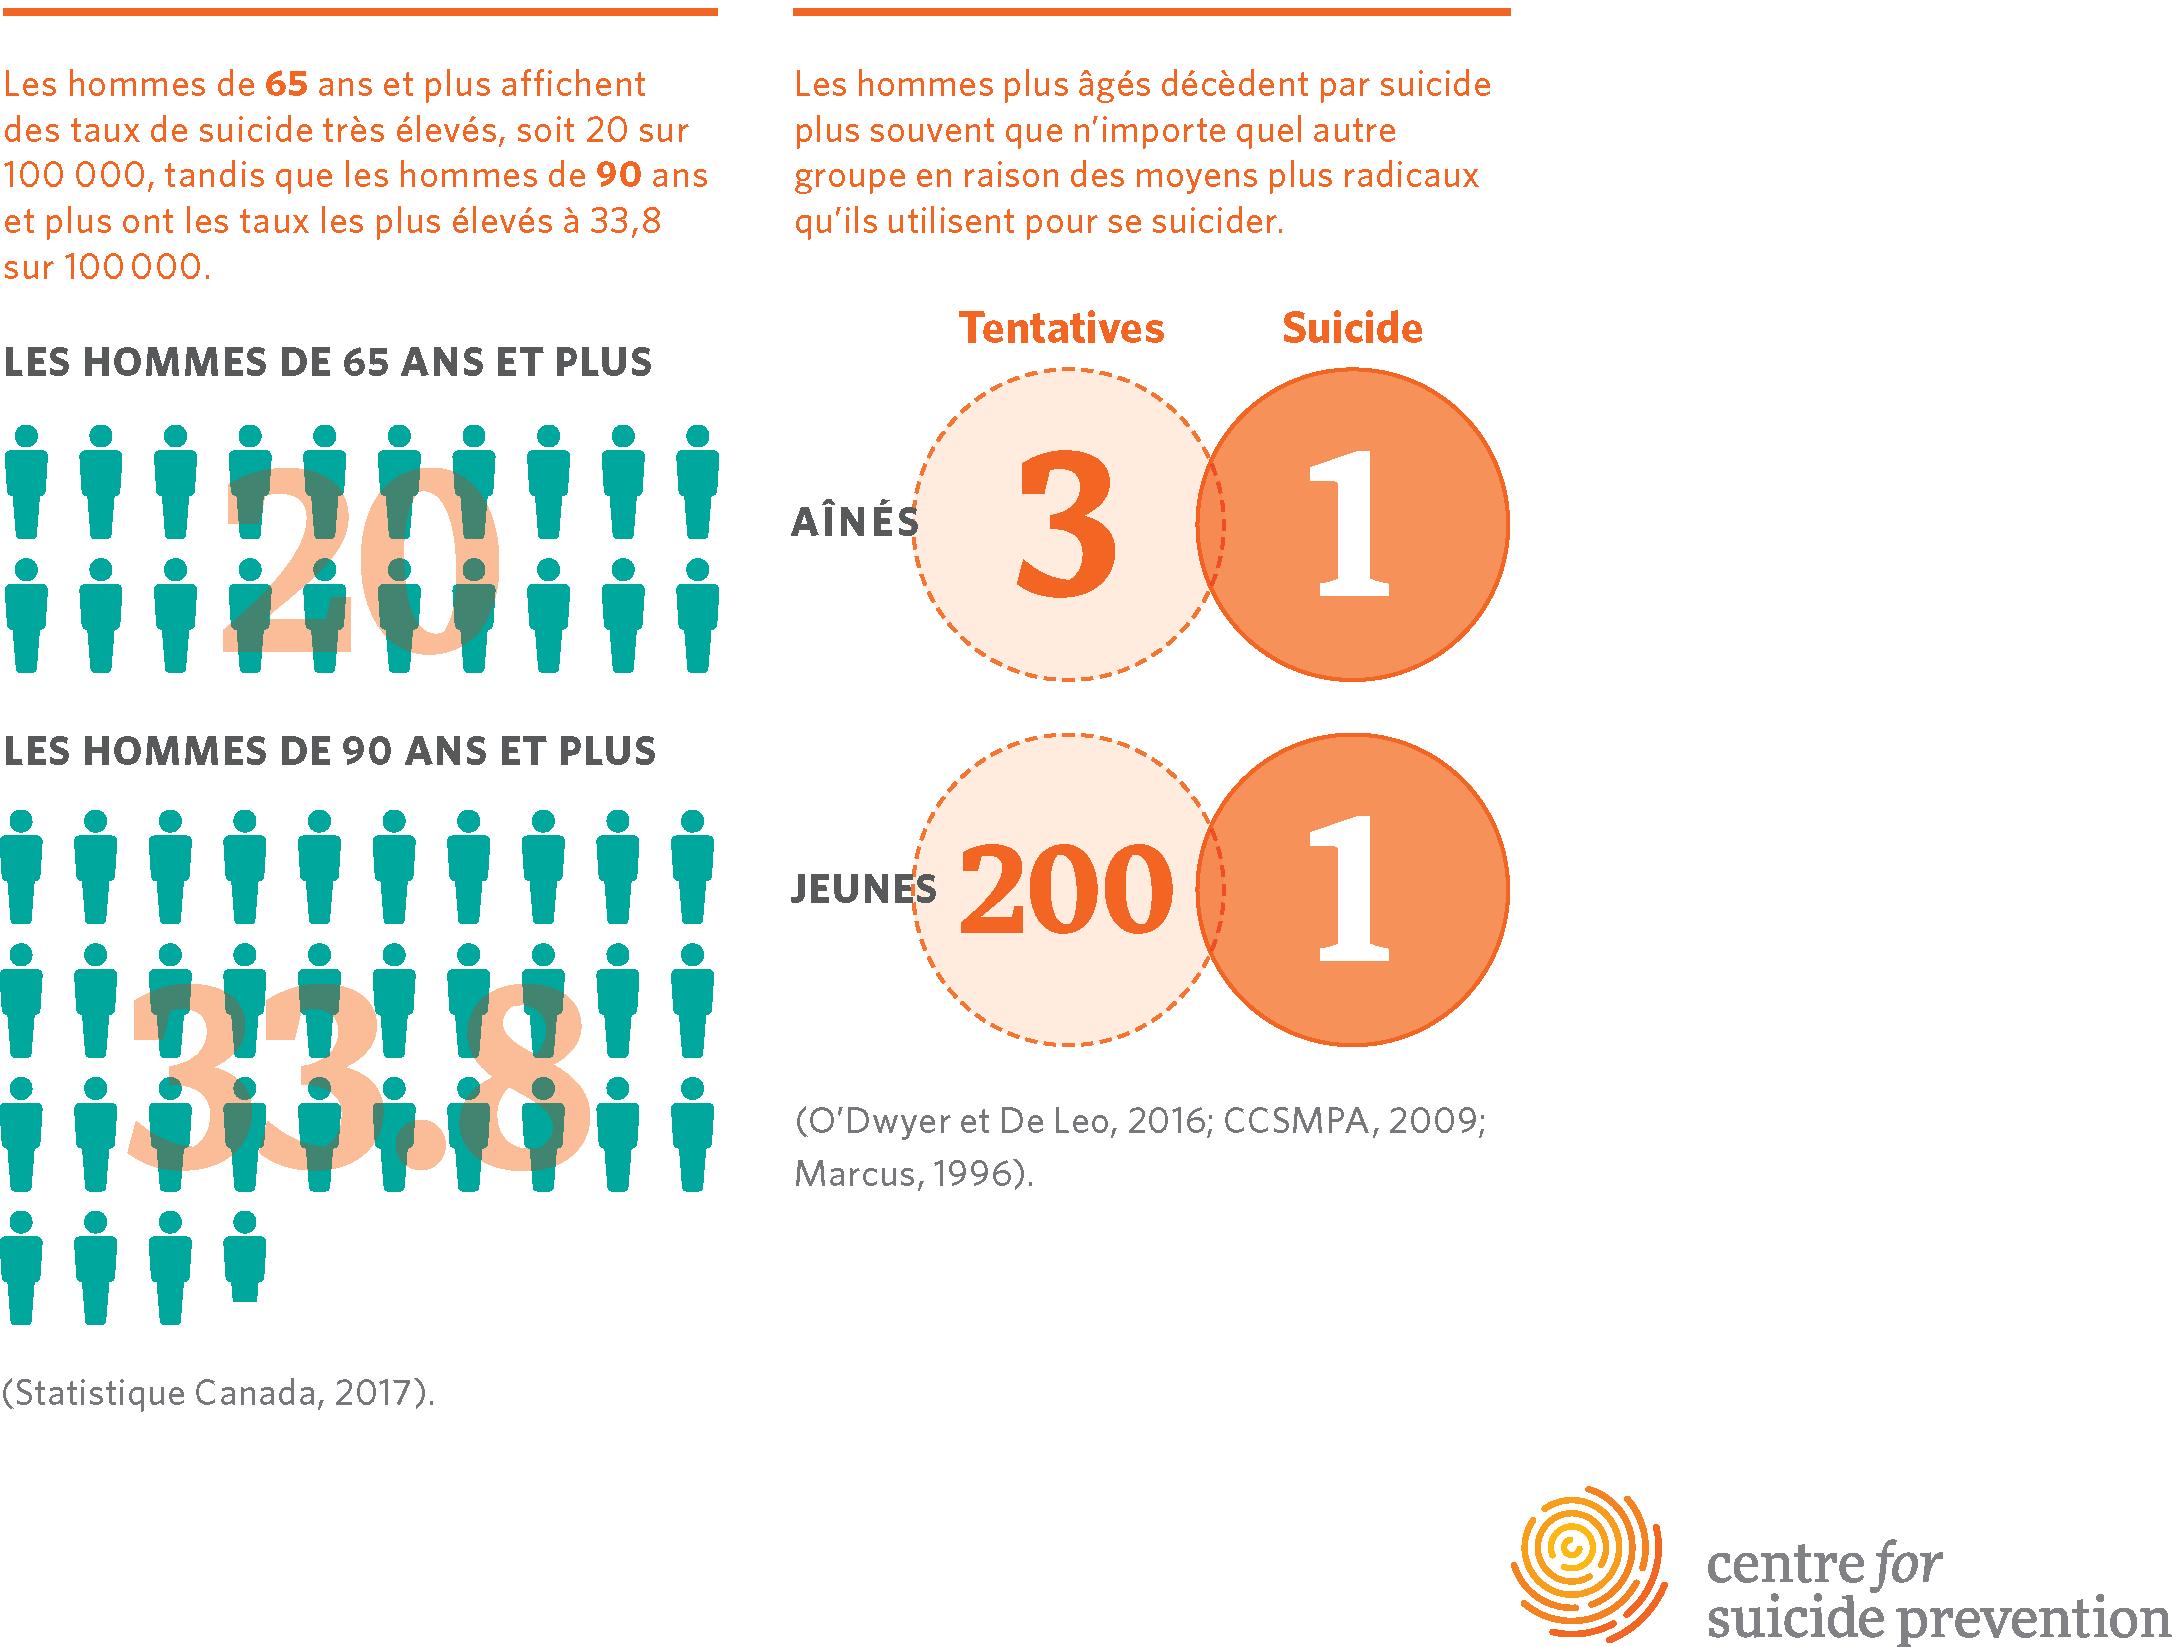 Les hommes de 65 ans et plus affichent des taux de suicide très élevés, soit 20 sur 100 000, tandis que les hommes de 90 ans et plus ont les taux les plus élevés à 33,8 sur 100000 (Statistique Canada, 2017). Les hommes plus âgés décèdent par suicide plus souvent que n'importe quel autre groupe en raison des moyens plus radicaux qu'ils utilisent pour se suicider. Aînés: 3 tentatives pour 1 suicide; Jeunes: 200 tentatives pour 1 suicide (O'Dwyer et De Leo, 2016; CCSMPA, 2009; Marcus, 1996).